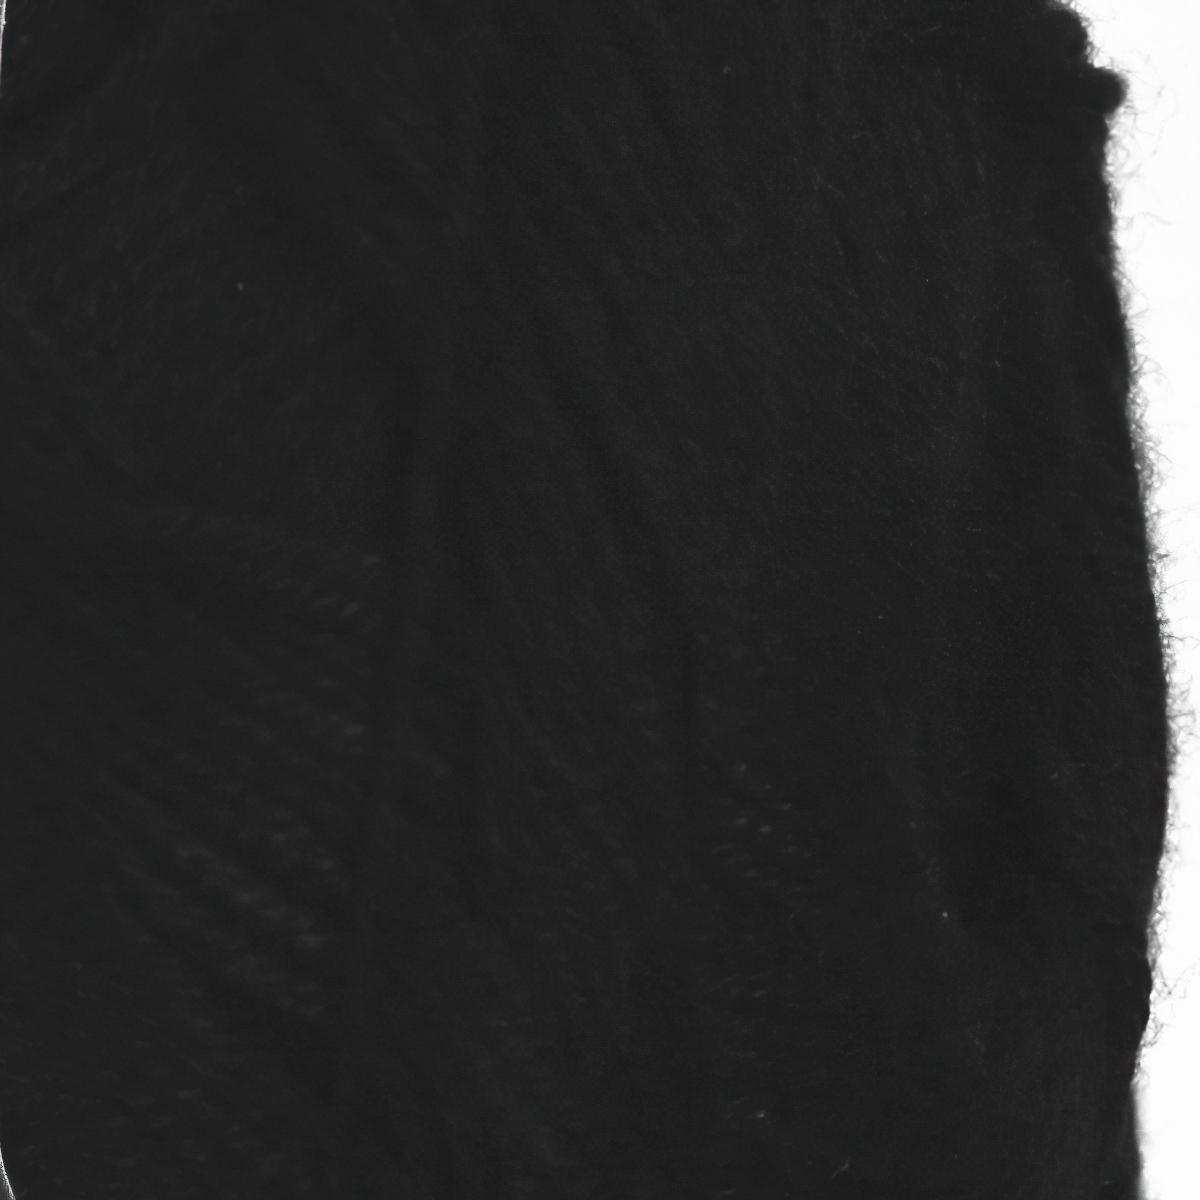 Pletací / háčkovací příze YarnArt BAMBOO 551 černá, jednobarevná, 50g/200m